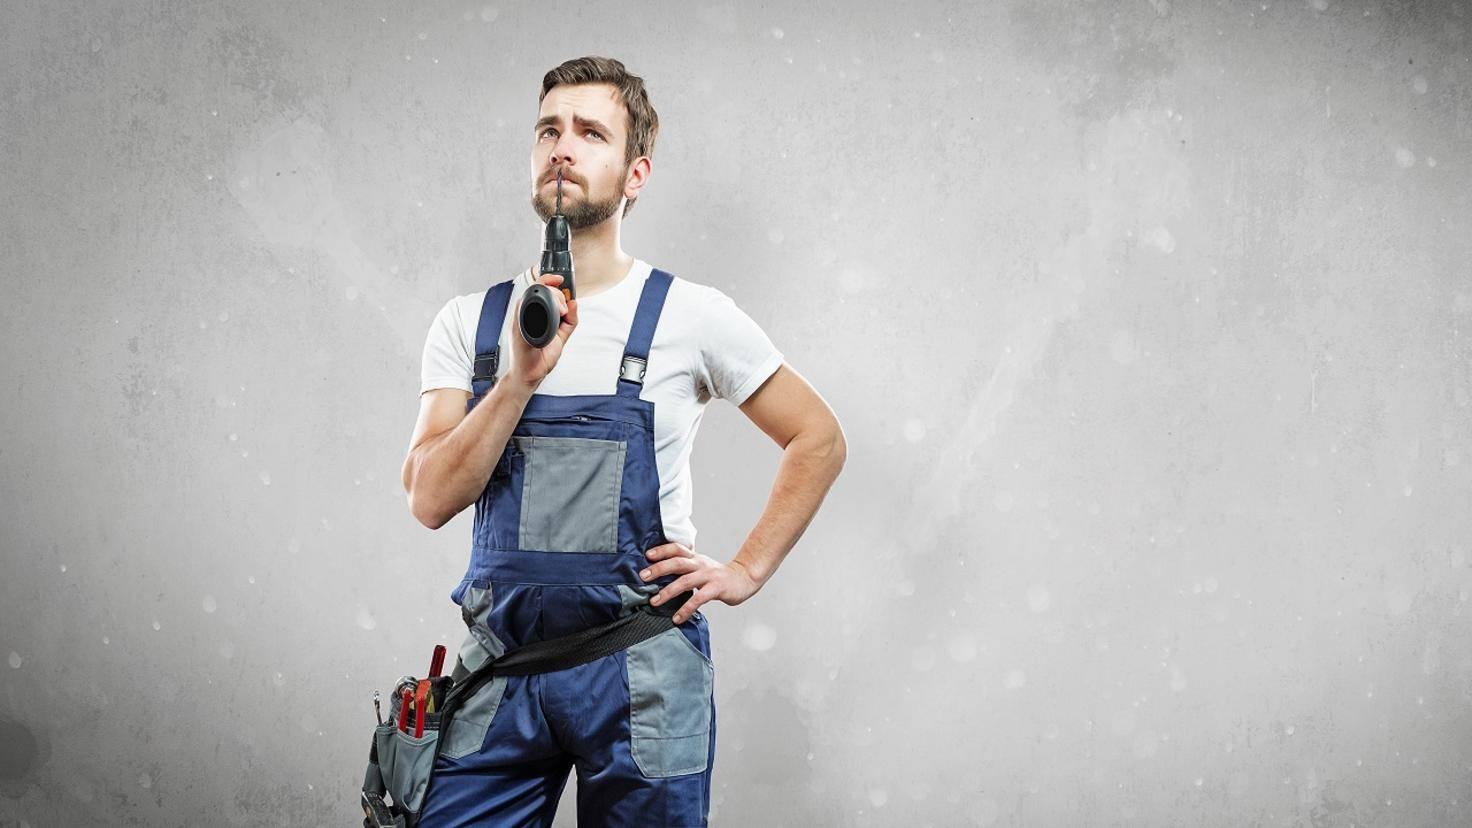 Mann denkt über sein nächstes Heimwerker Projekt nach